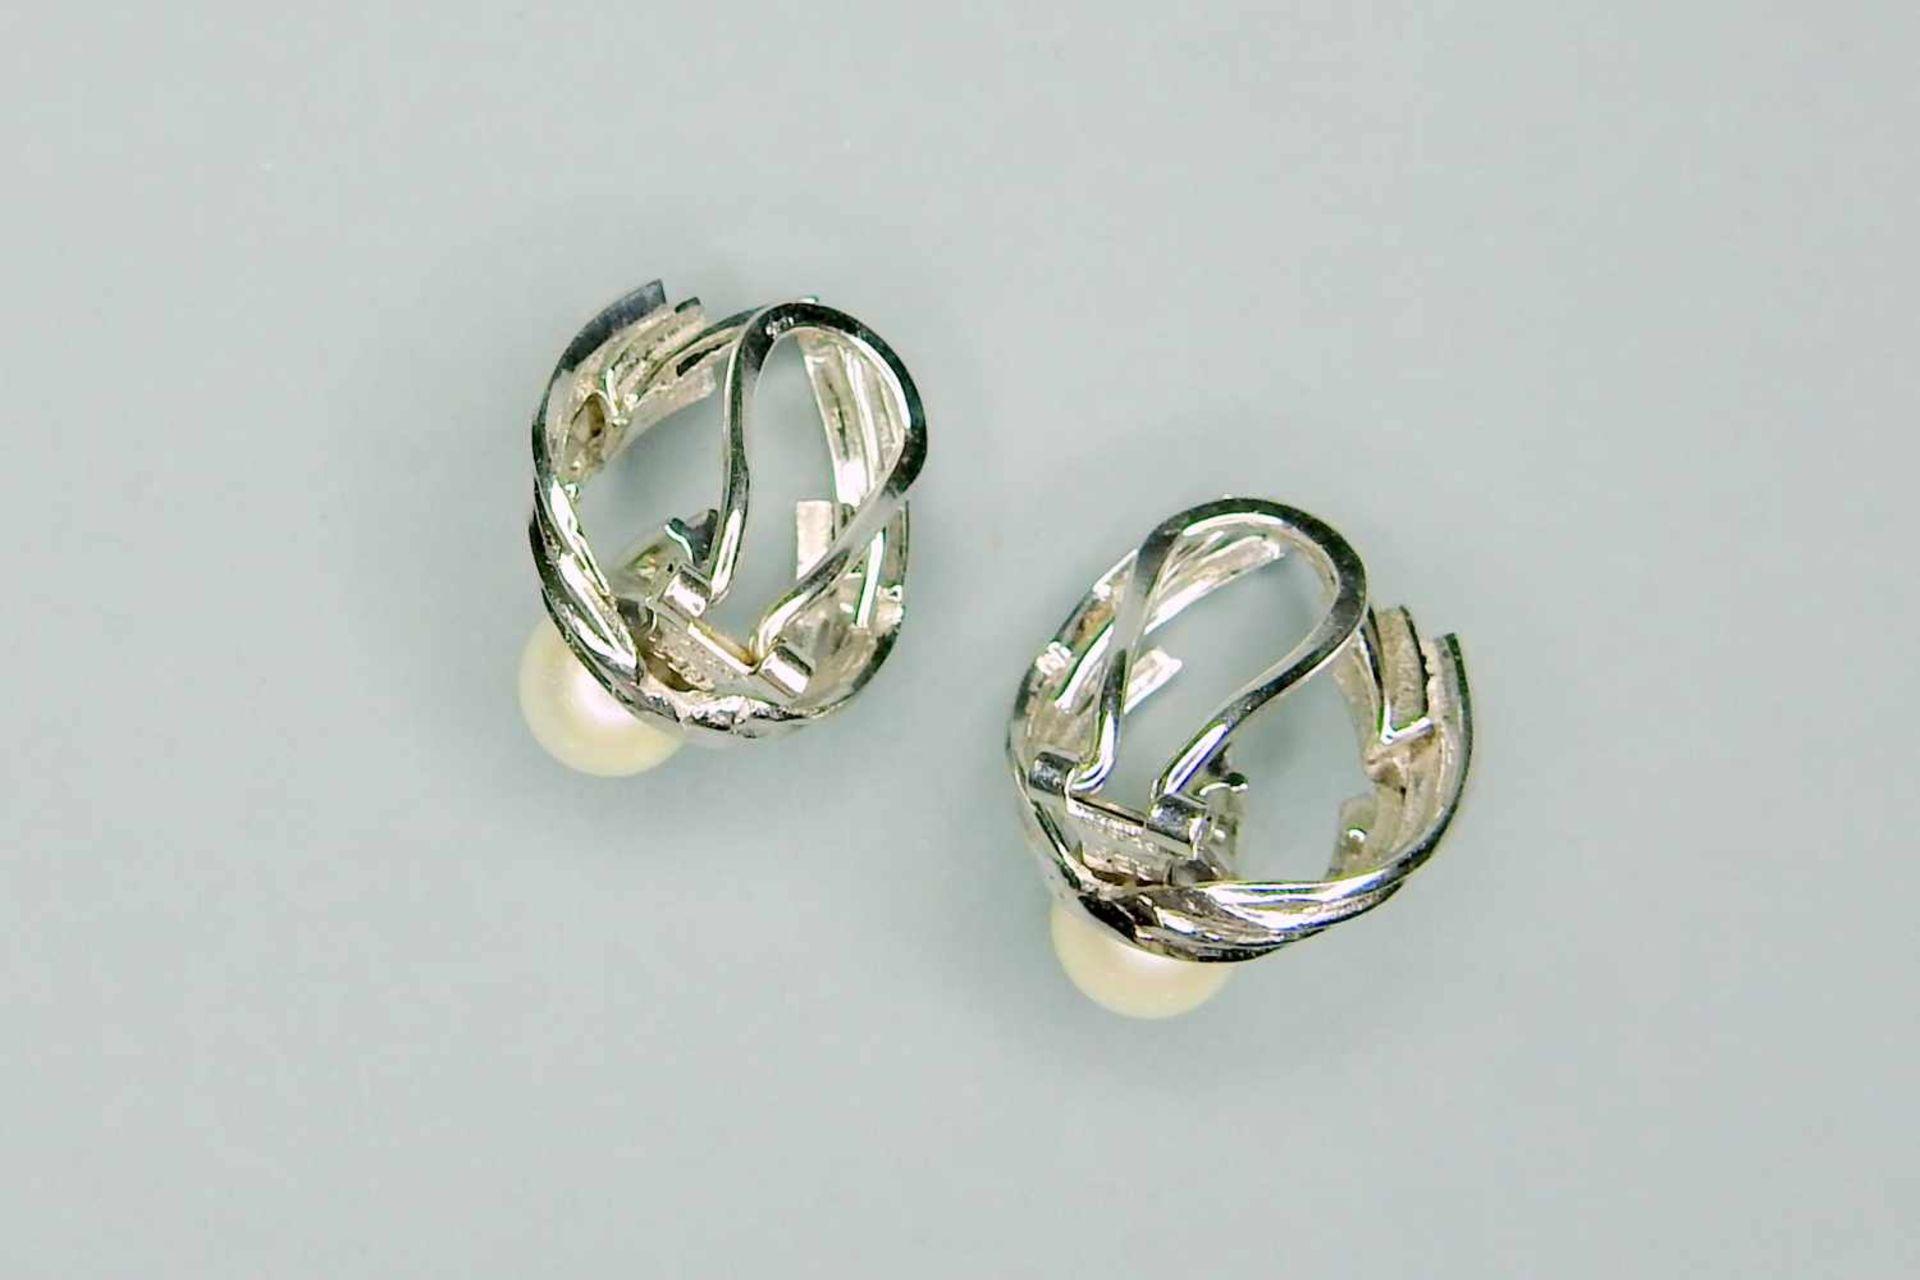 Ohrclips mit Perl- und Diamantbesatz14 K Gold. Fein gearbeitete Ohrclips in Weißgold - Image 2 of 3